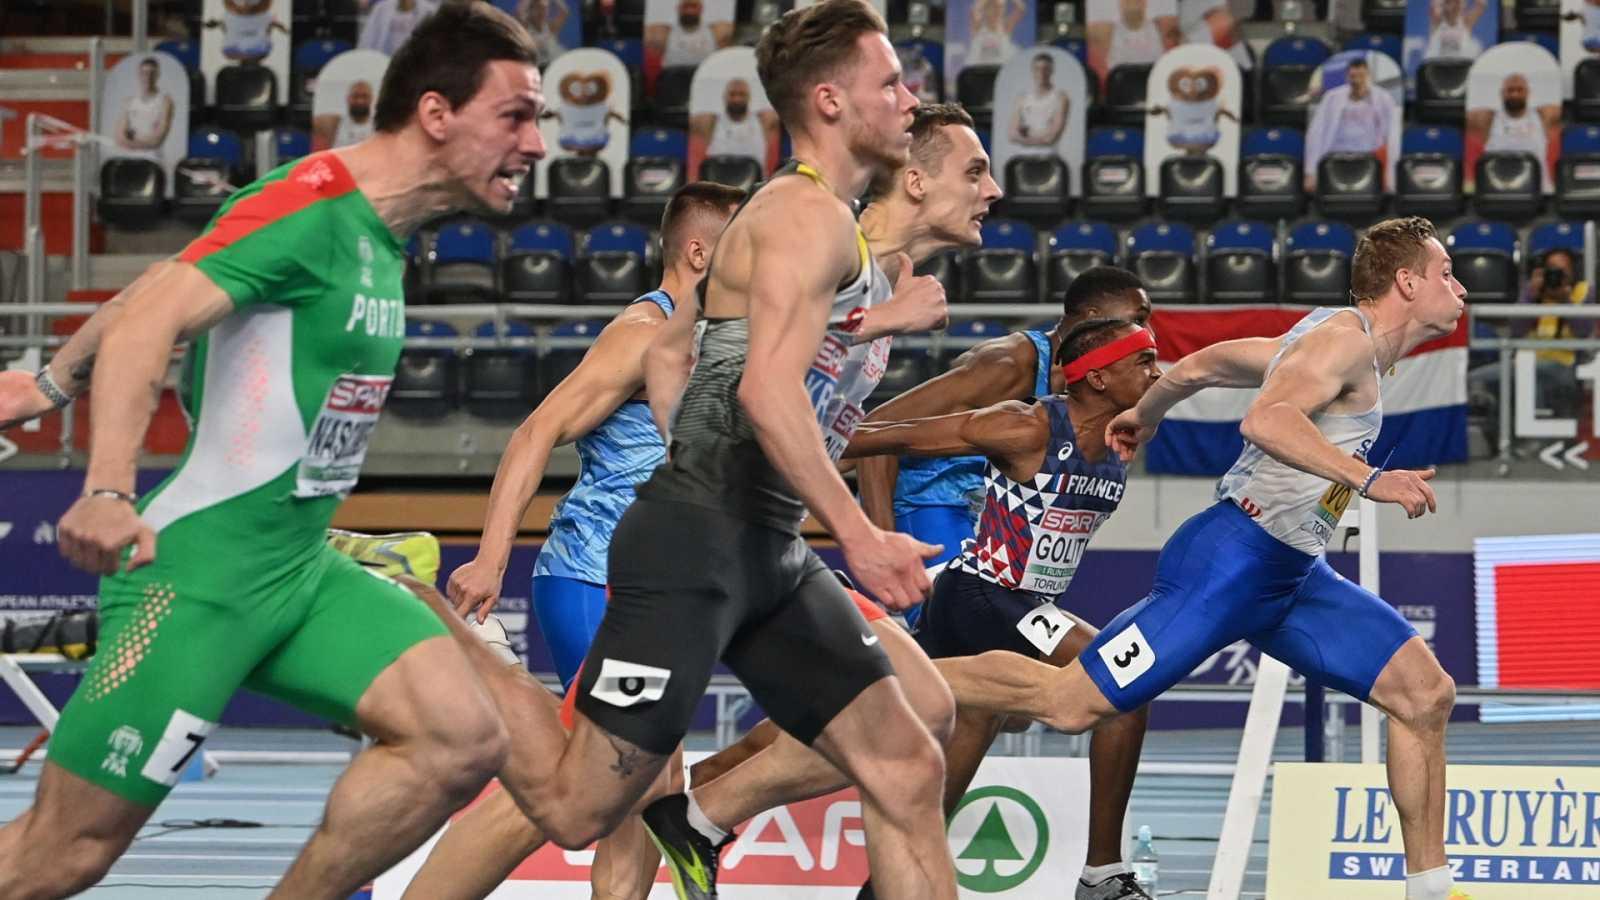 Atletismo - Campeonato de Europa Pista Cubierta. Semifinales 60m Masculino - ver ahora